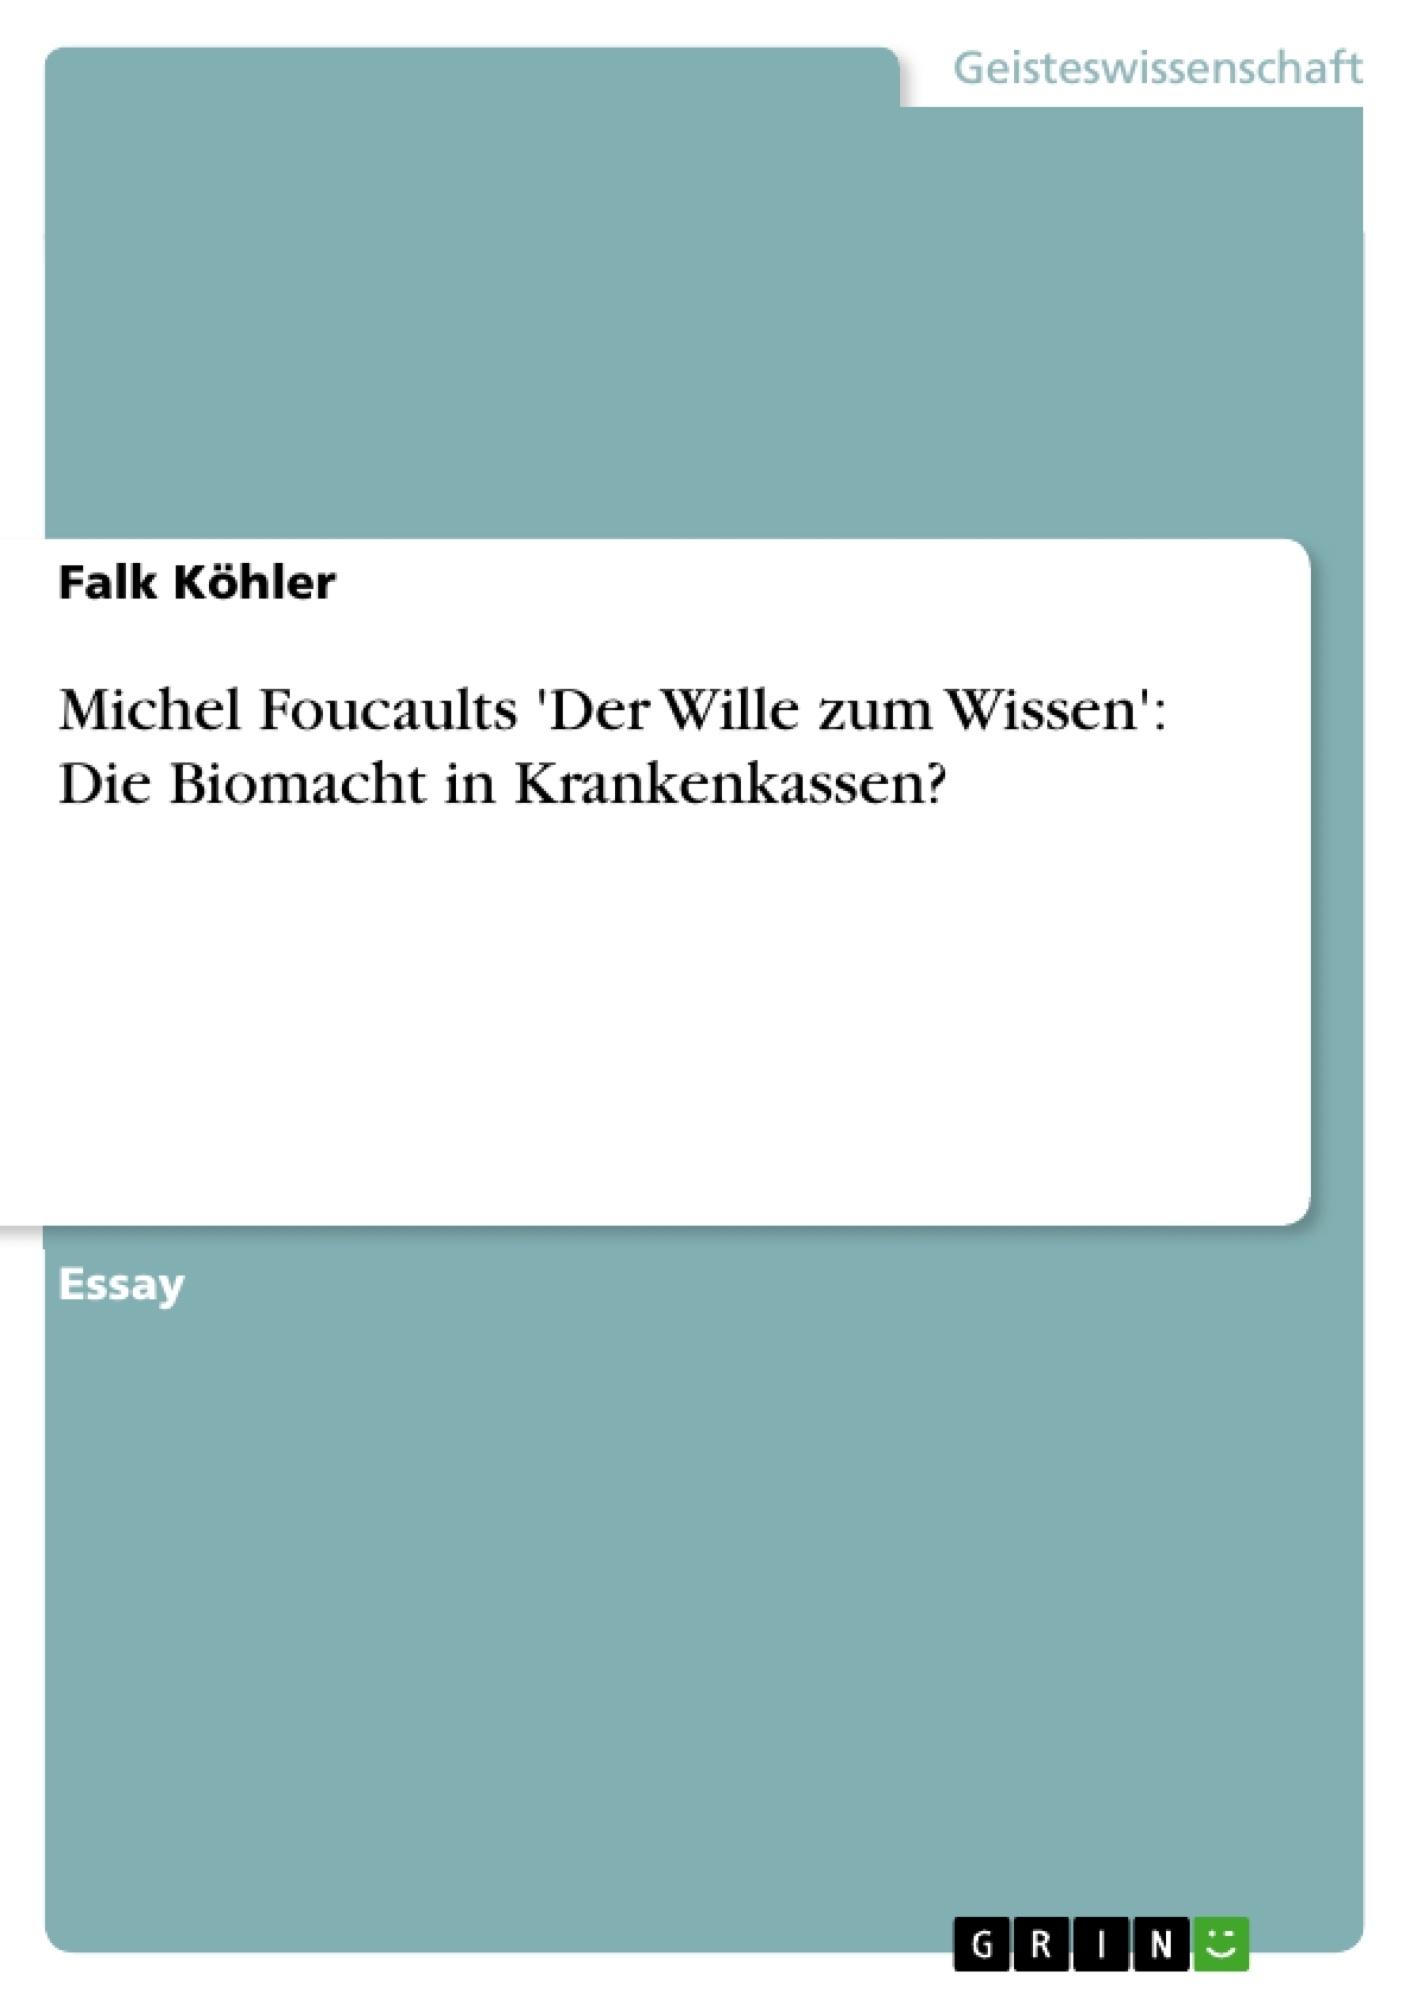 Titel: Michel Foucaults 'Der Wille zum Wissen': Die Biomacht in Krankenkassen?